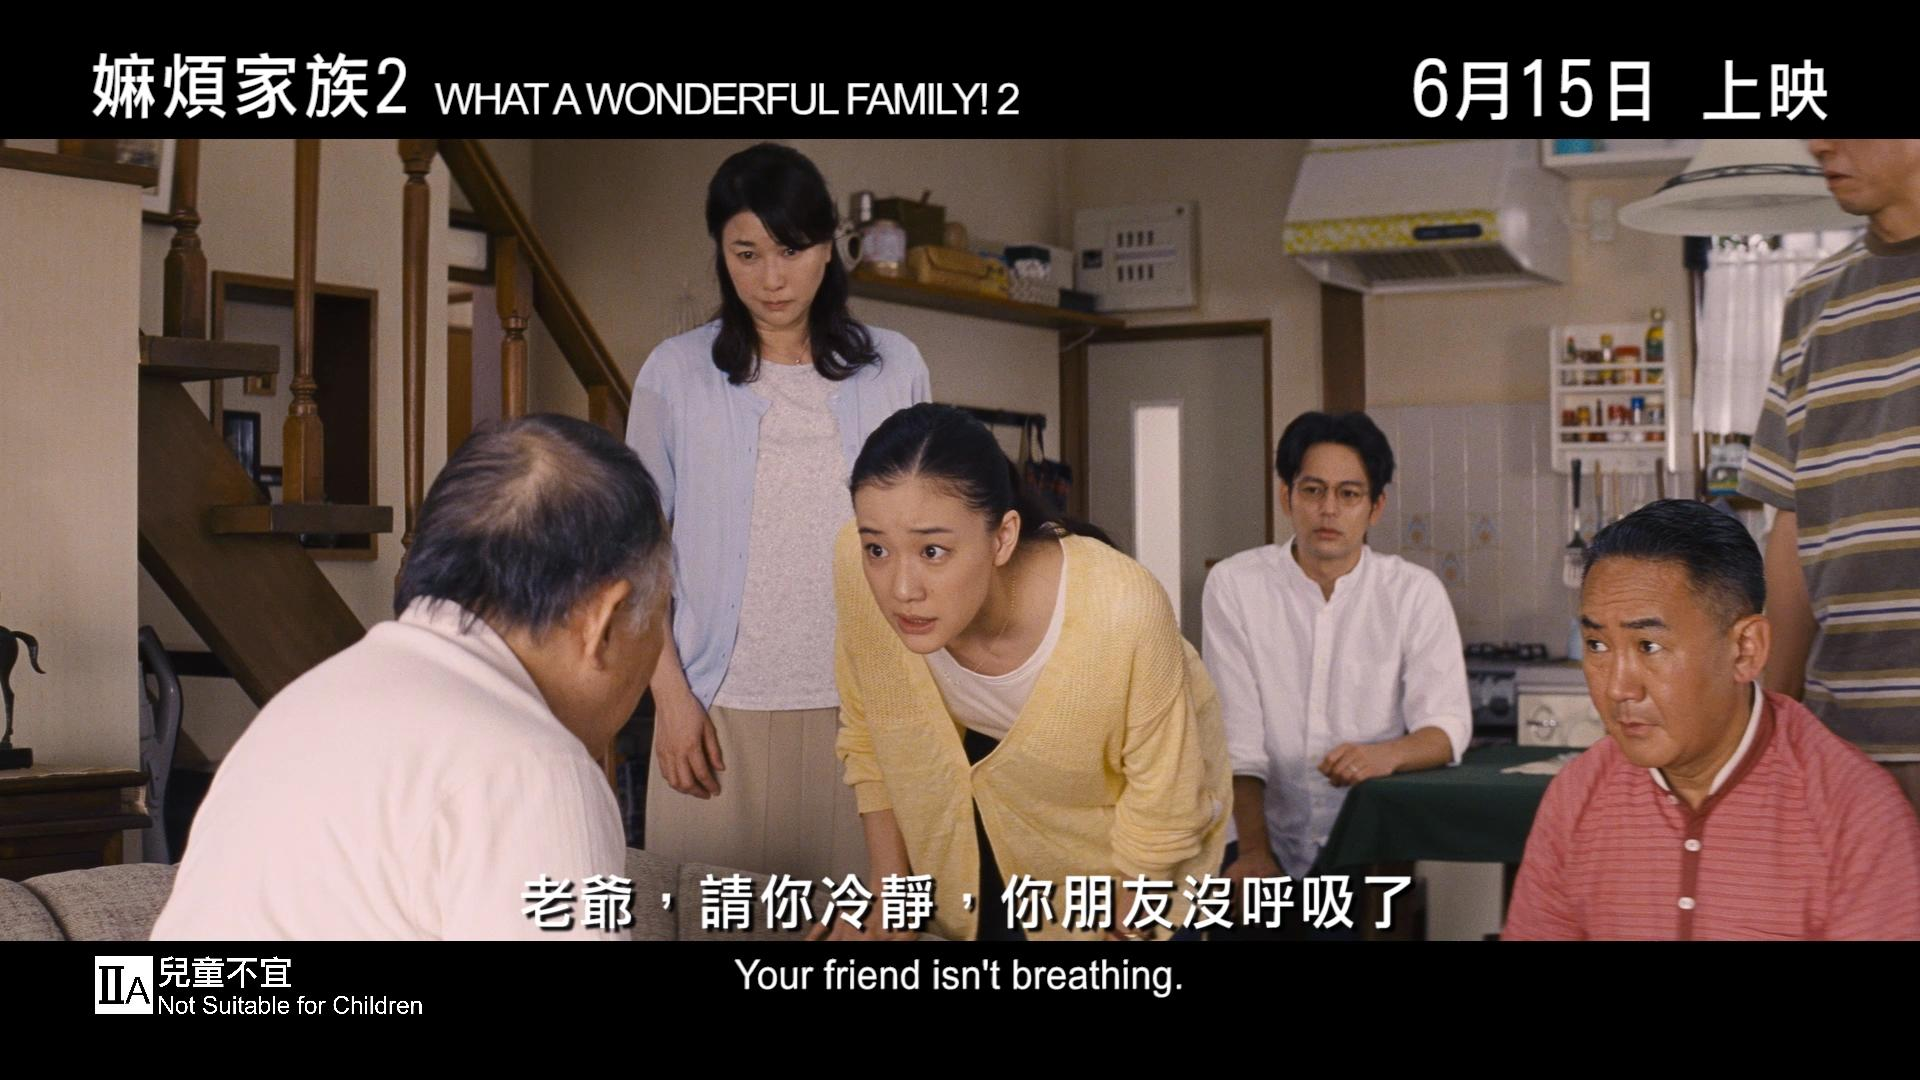 《嫲煩家族2》預告